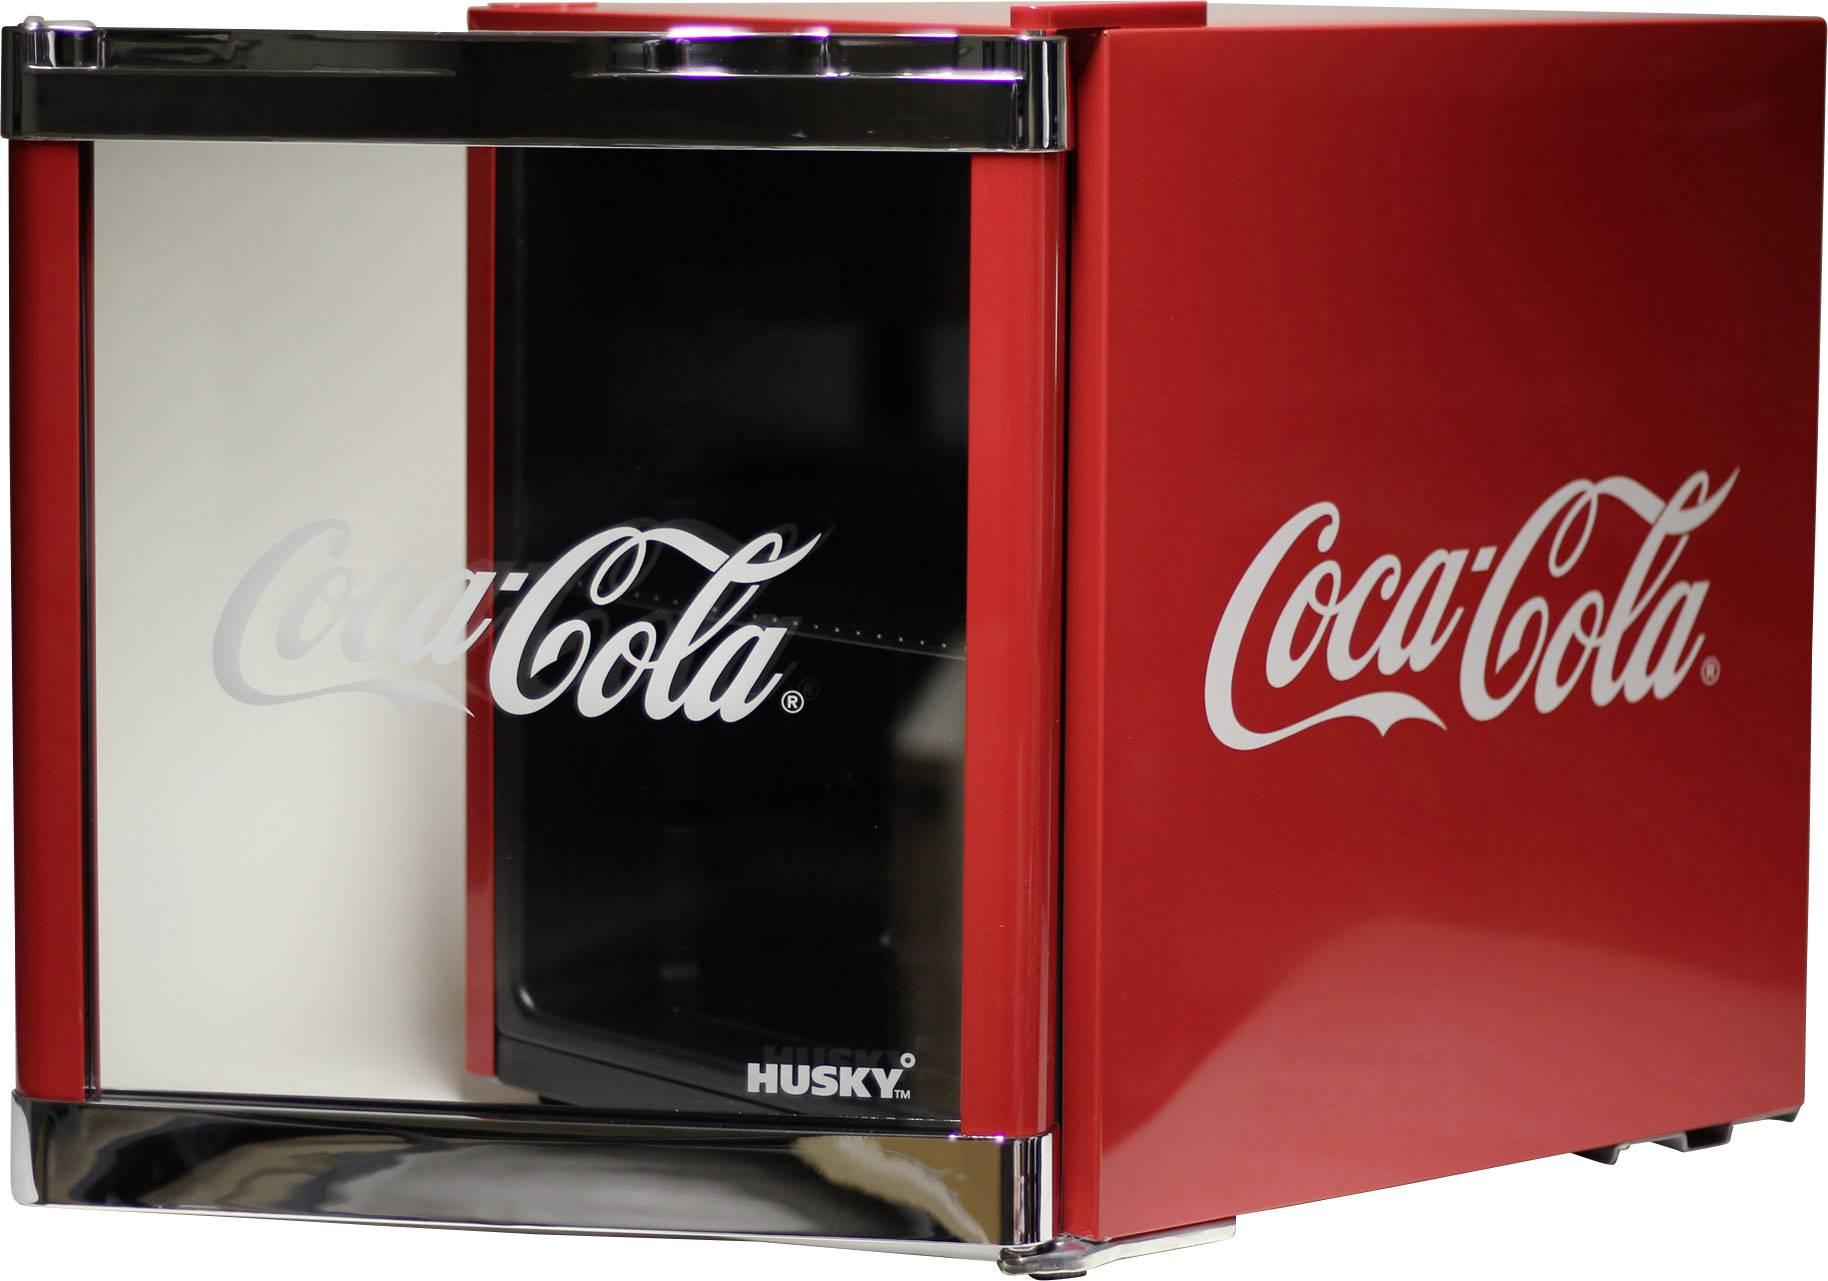 Kühlschrank Coca Cola Husky : Kühlschrank husky coolcube cocacola eek a